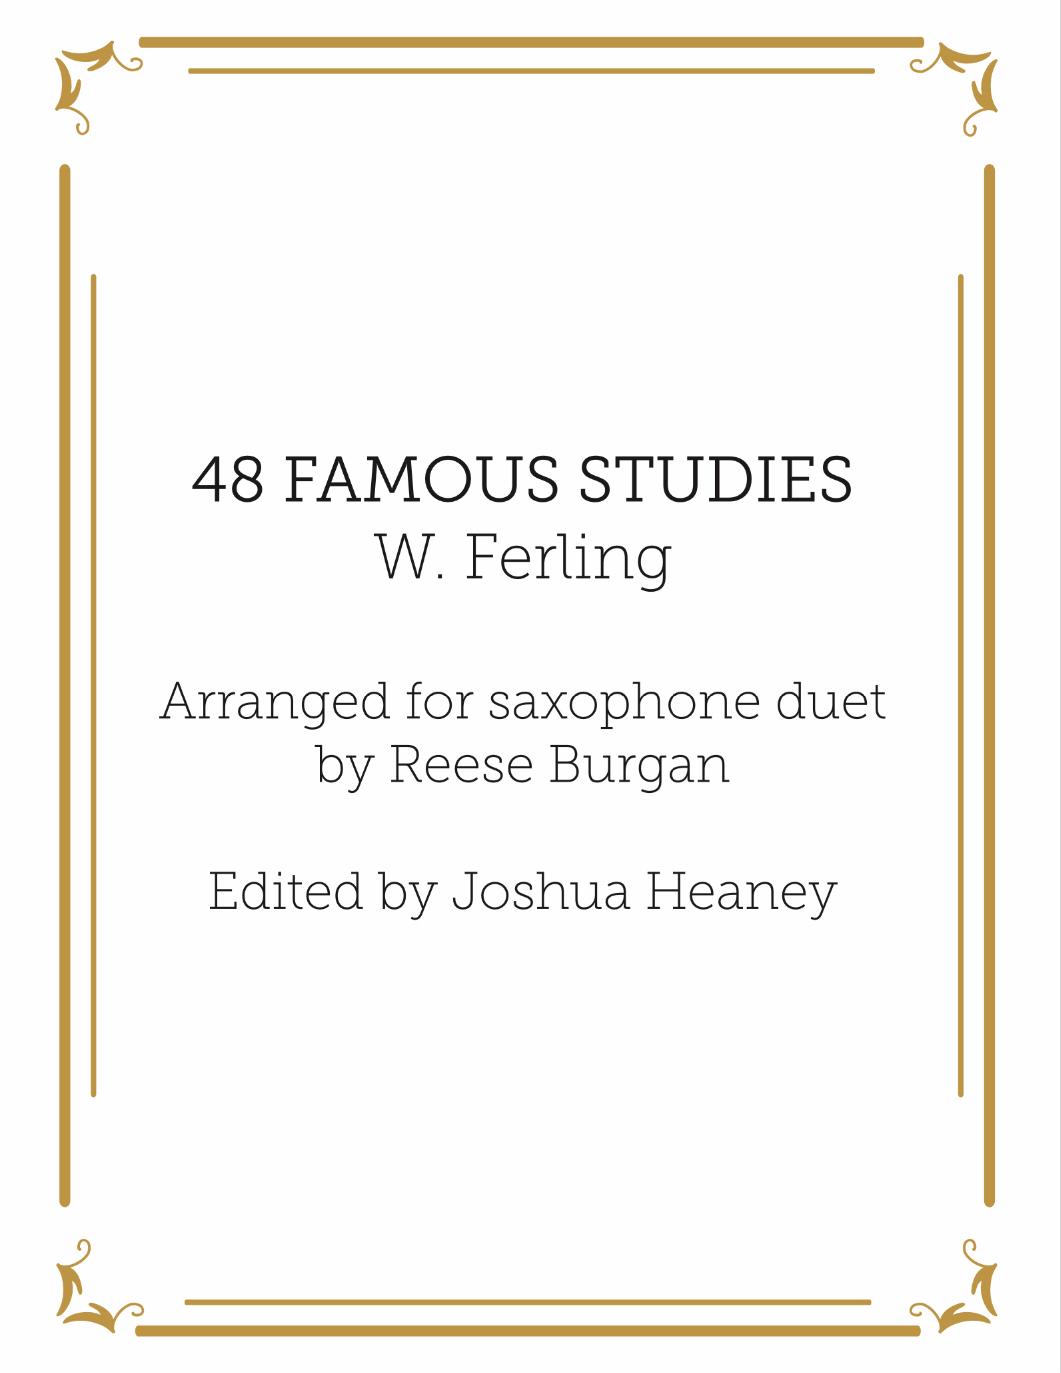 48 Famous Studies For Saxophone Duet by Ferling arr. Burgan